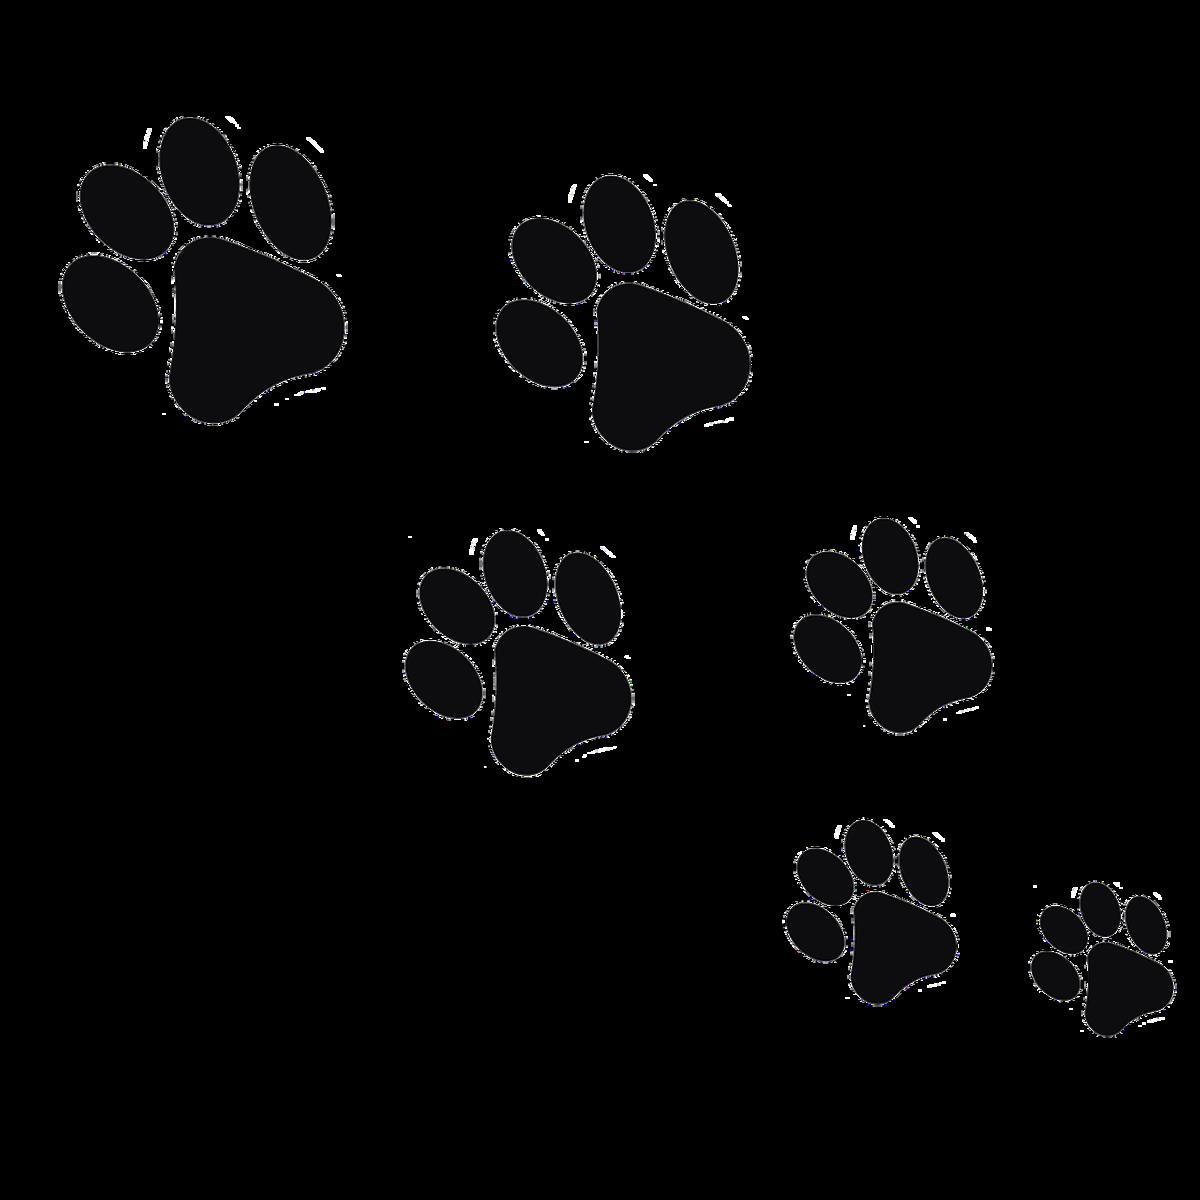 следы рисунки животных сети